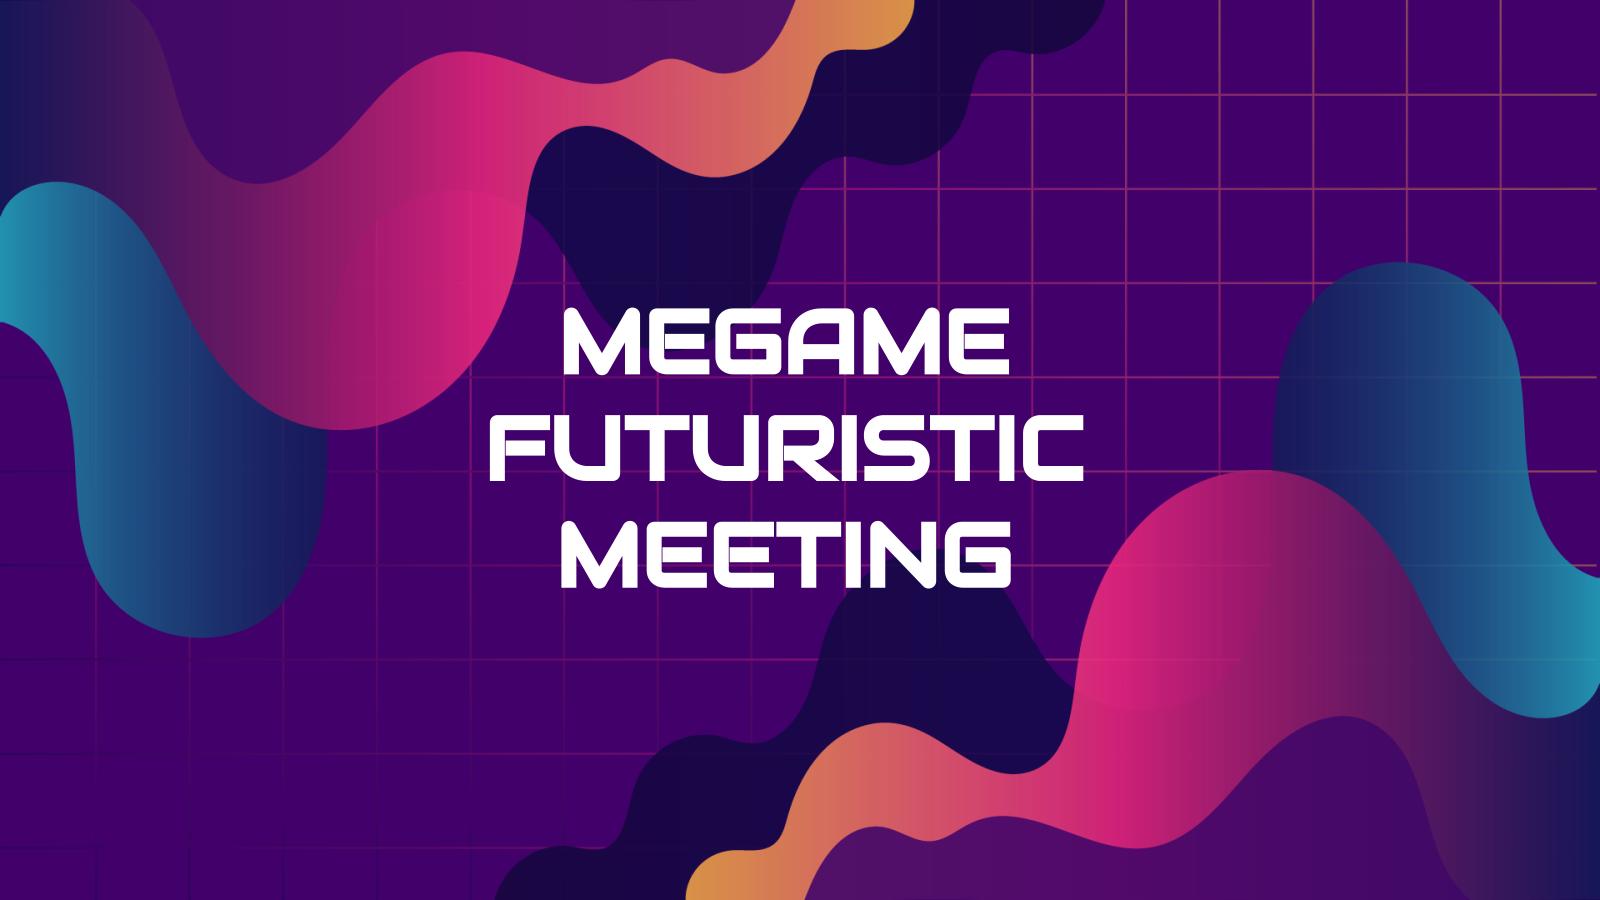 Plantilla de presentación Reunión futurista Megame